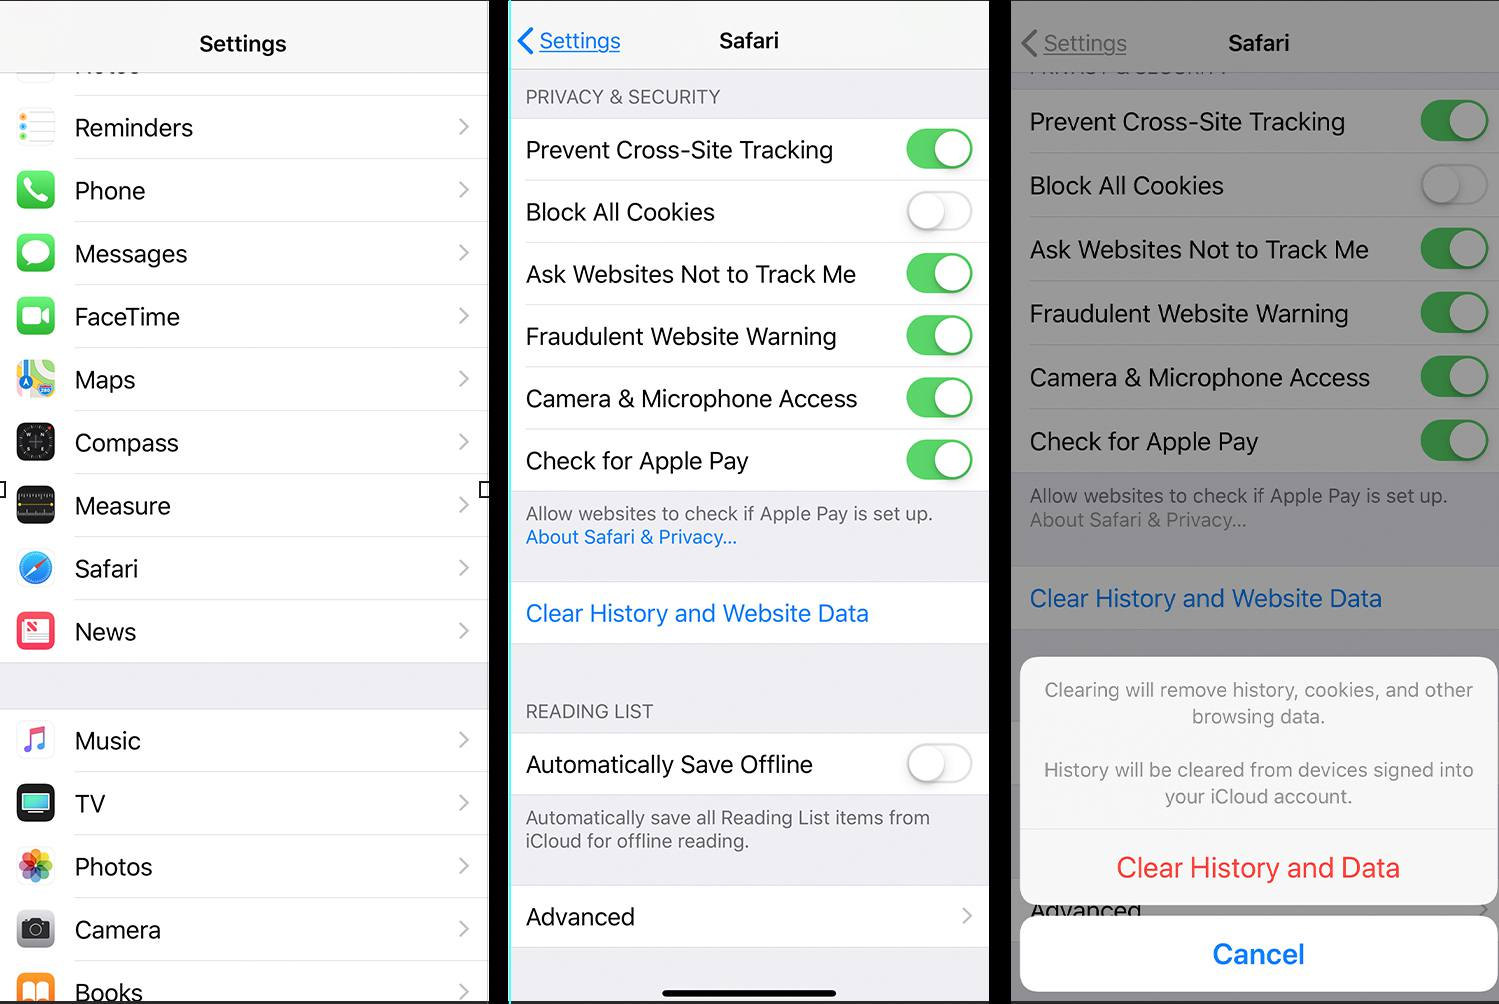 Clear Data Steps in iOS Data006_iOS-Safari-Clear-Data-1171077